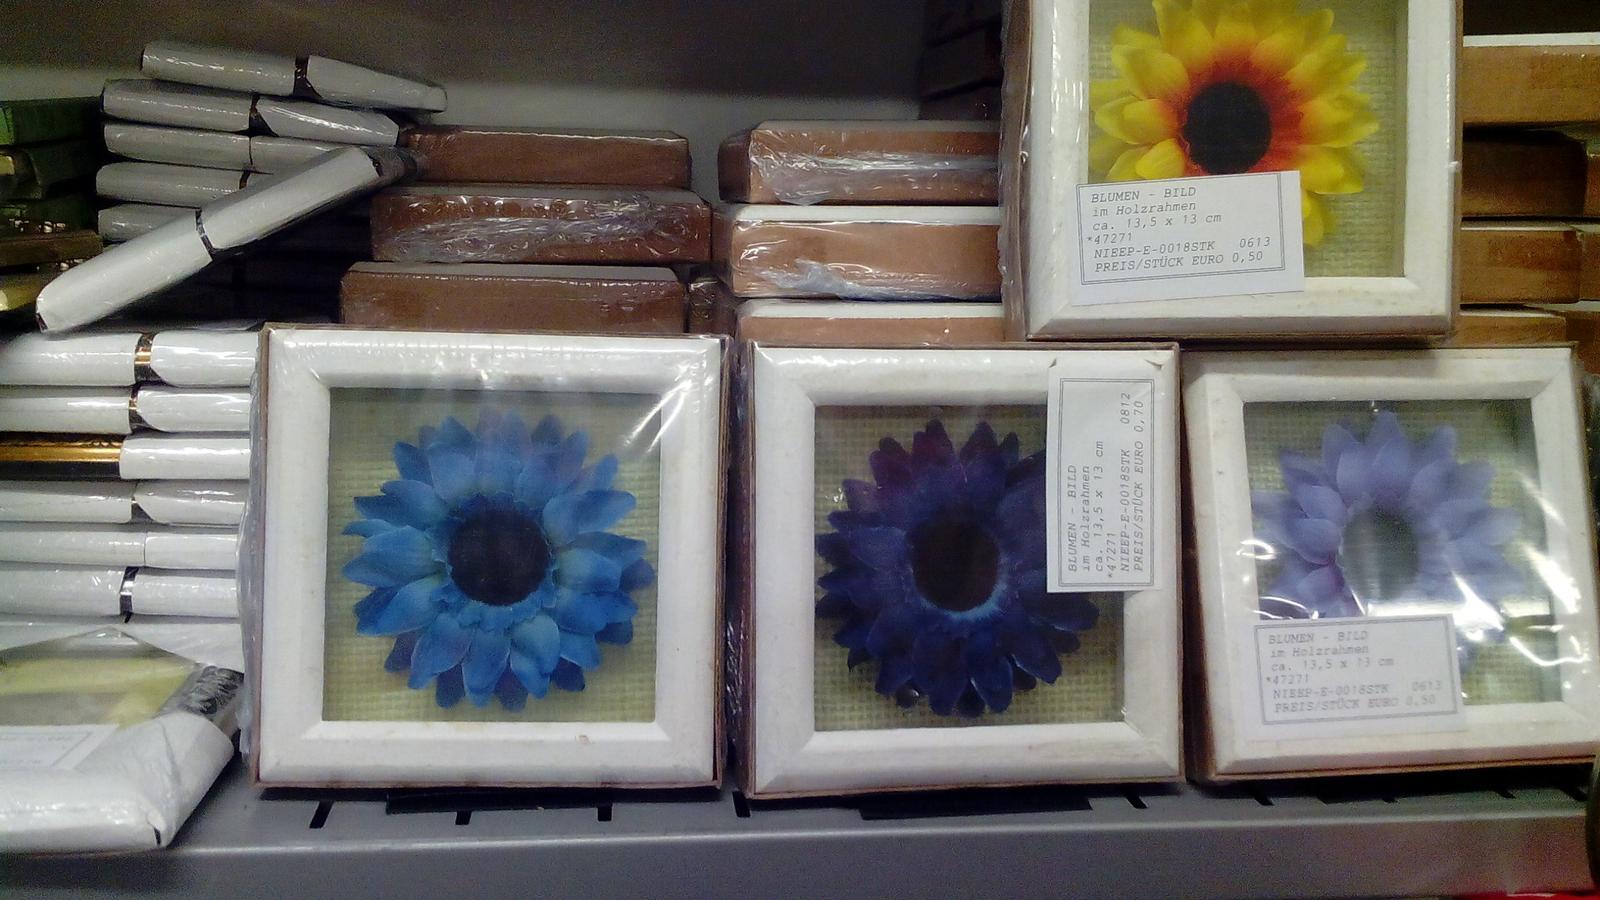 Kráľovstvo gombíkov (a aj všetkého iného) - Niečo na zhotovenie dekorácie. Rôzne kvety v drevenom rámiku za 0,50€